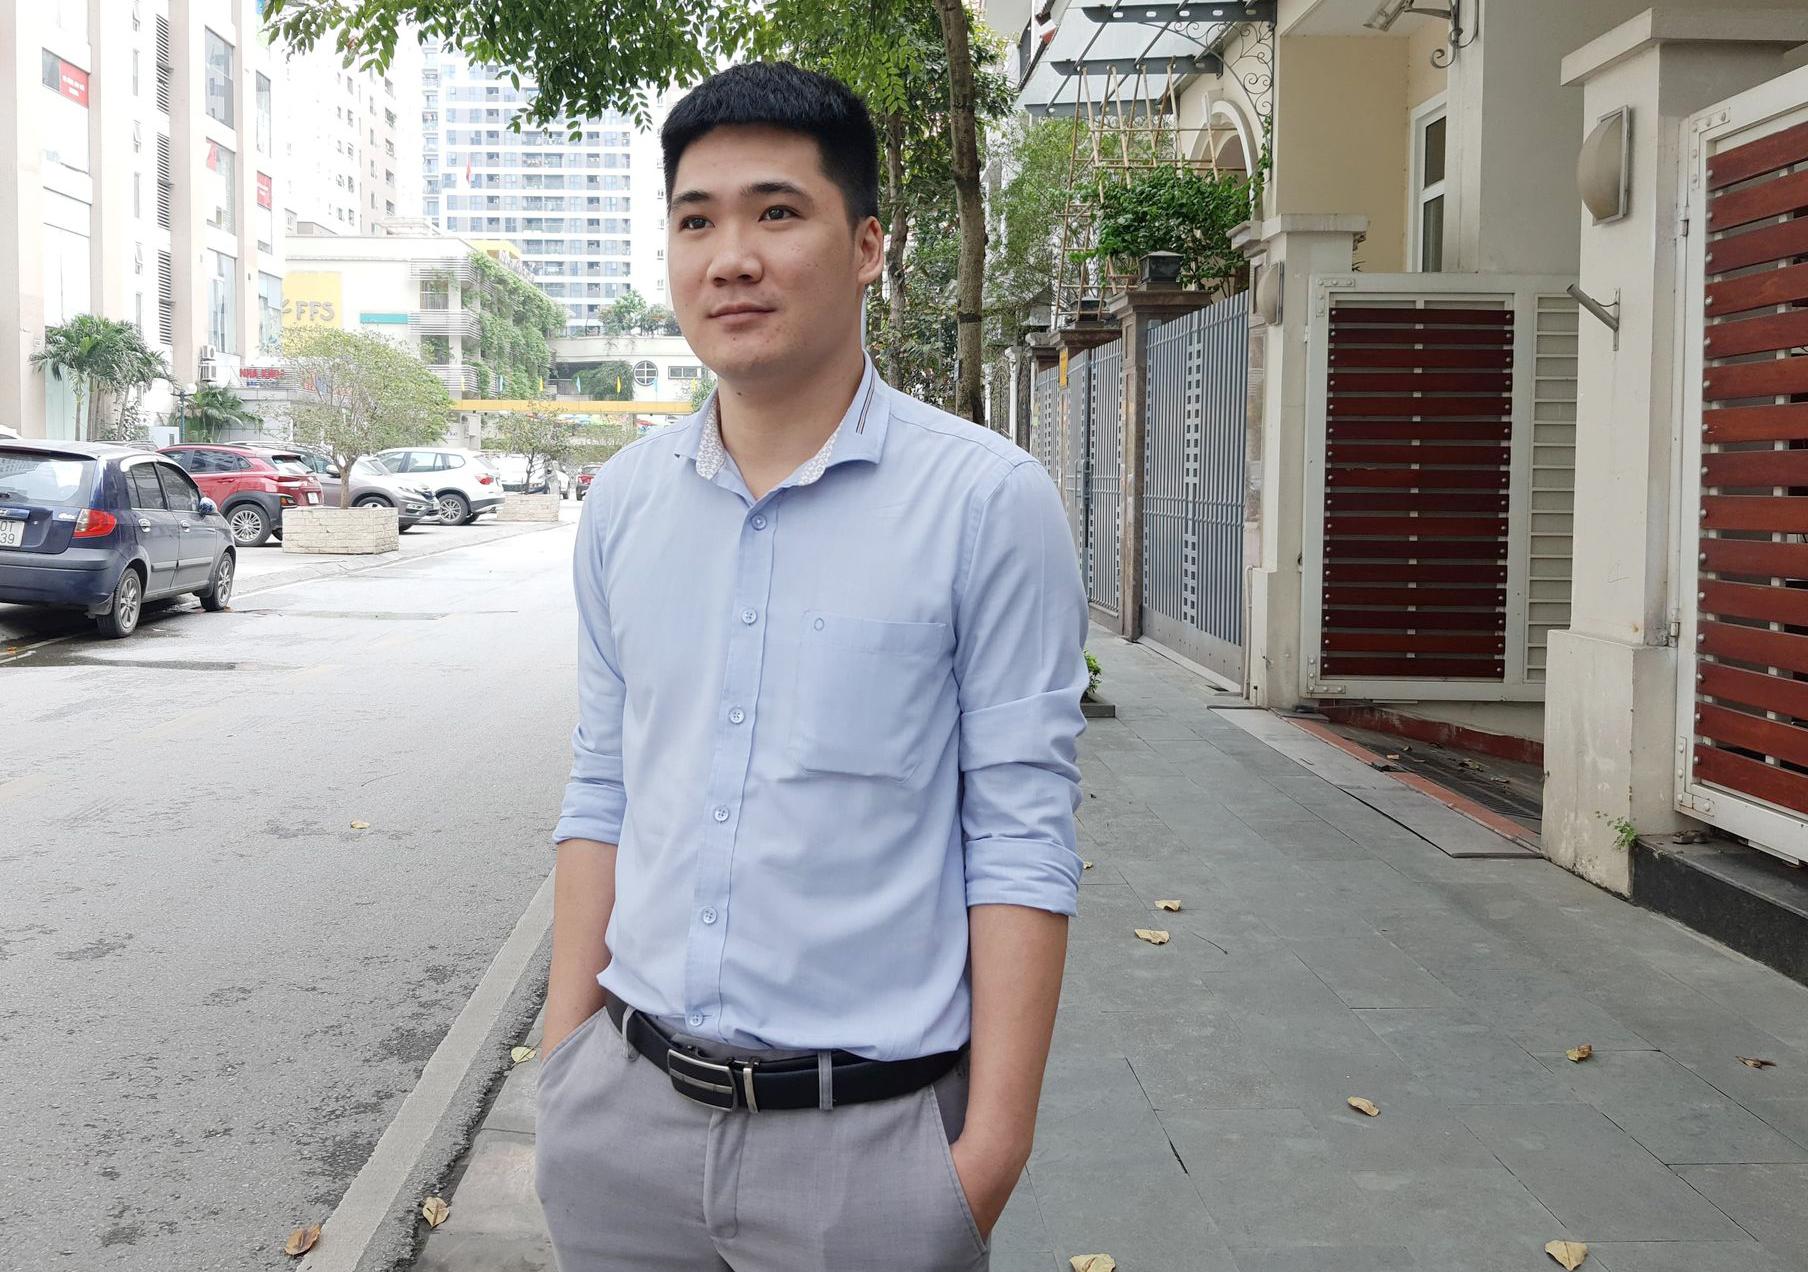 Anh Lê Kim Tuân - tư vấn viên của Viện nghiên cứu Tâm lý người sử dụng ma túy (PSD). Ảnh: Phạm Nga.